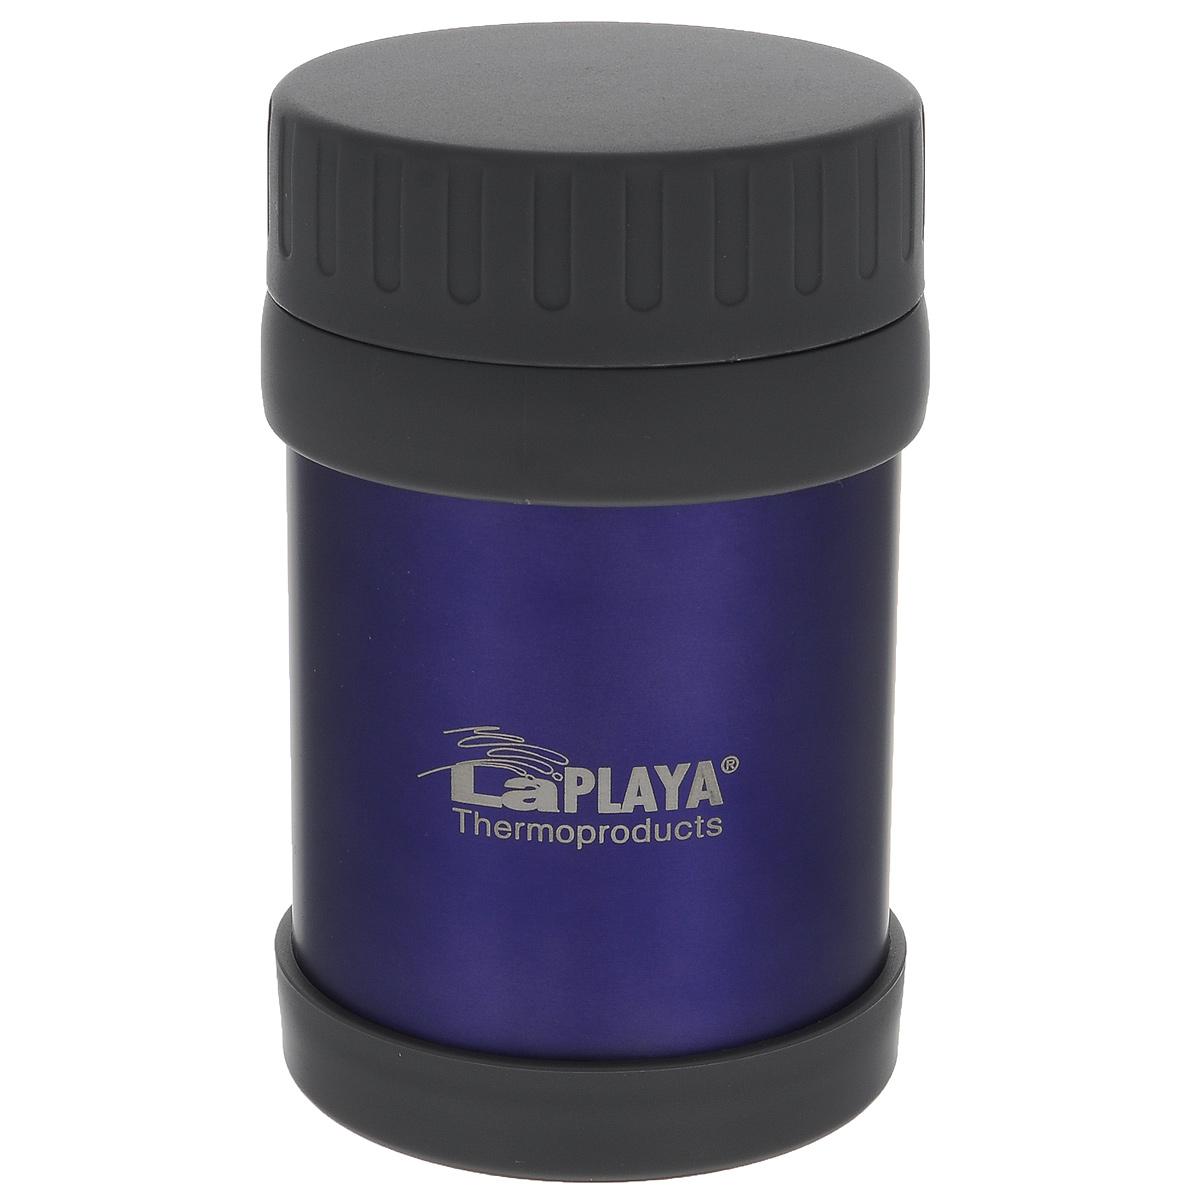 Термос LaPlaya JMG, цвет: фиолетовый, 350 мл